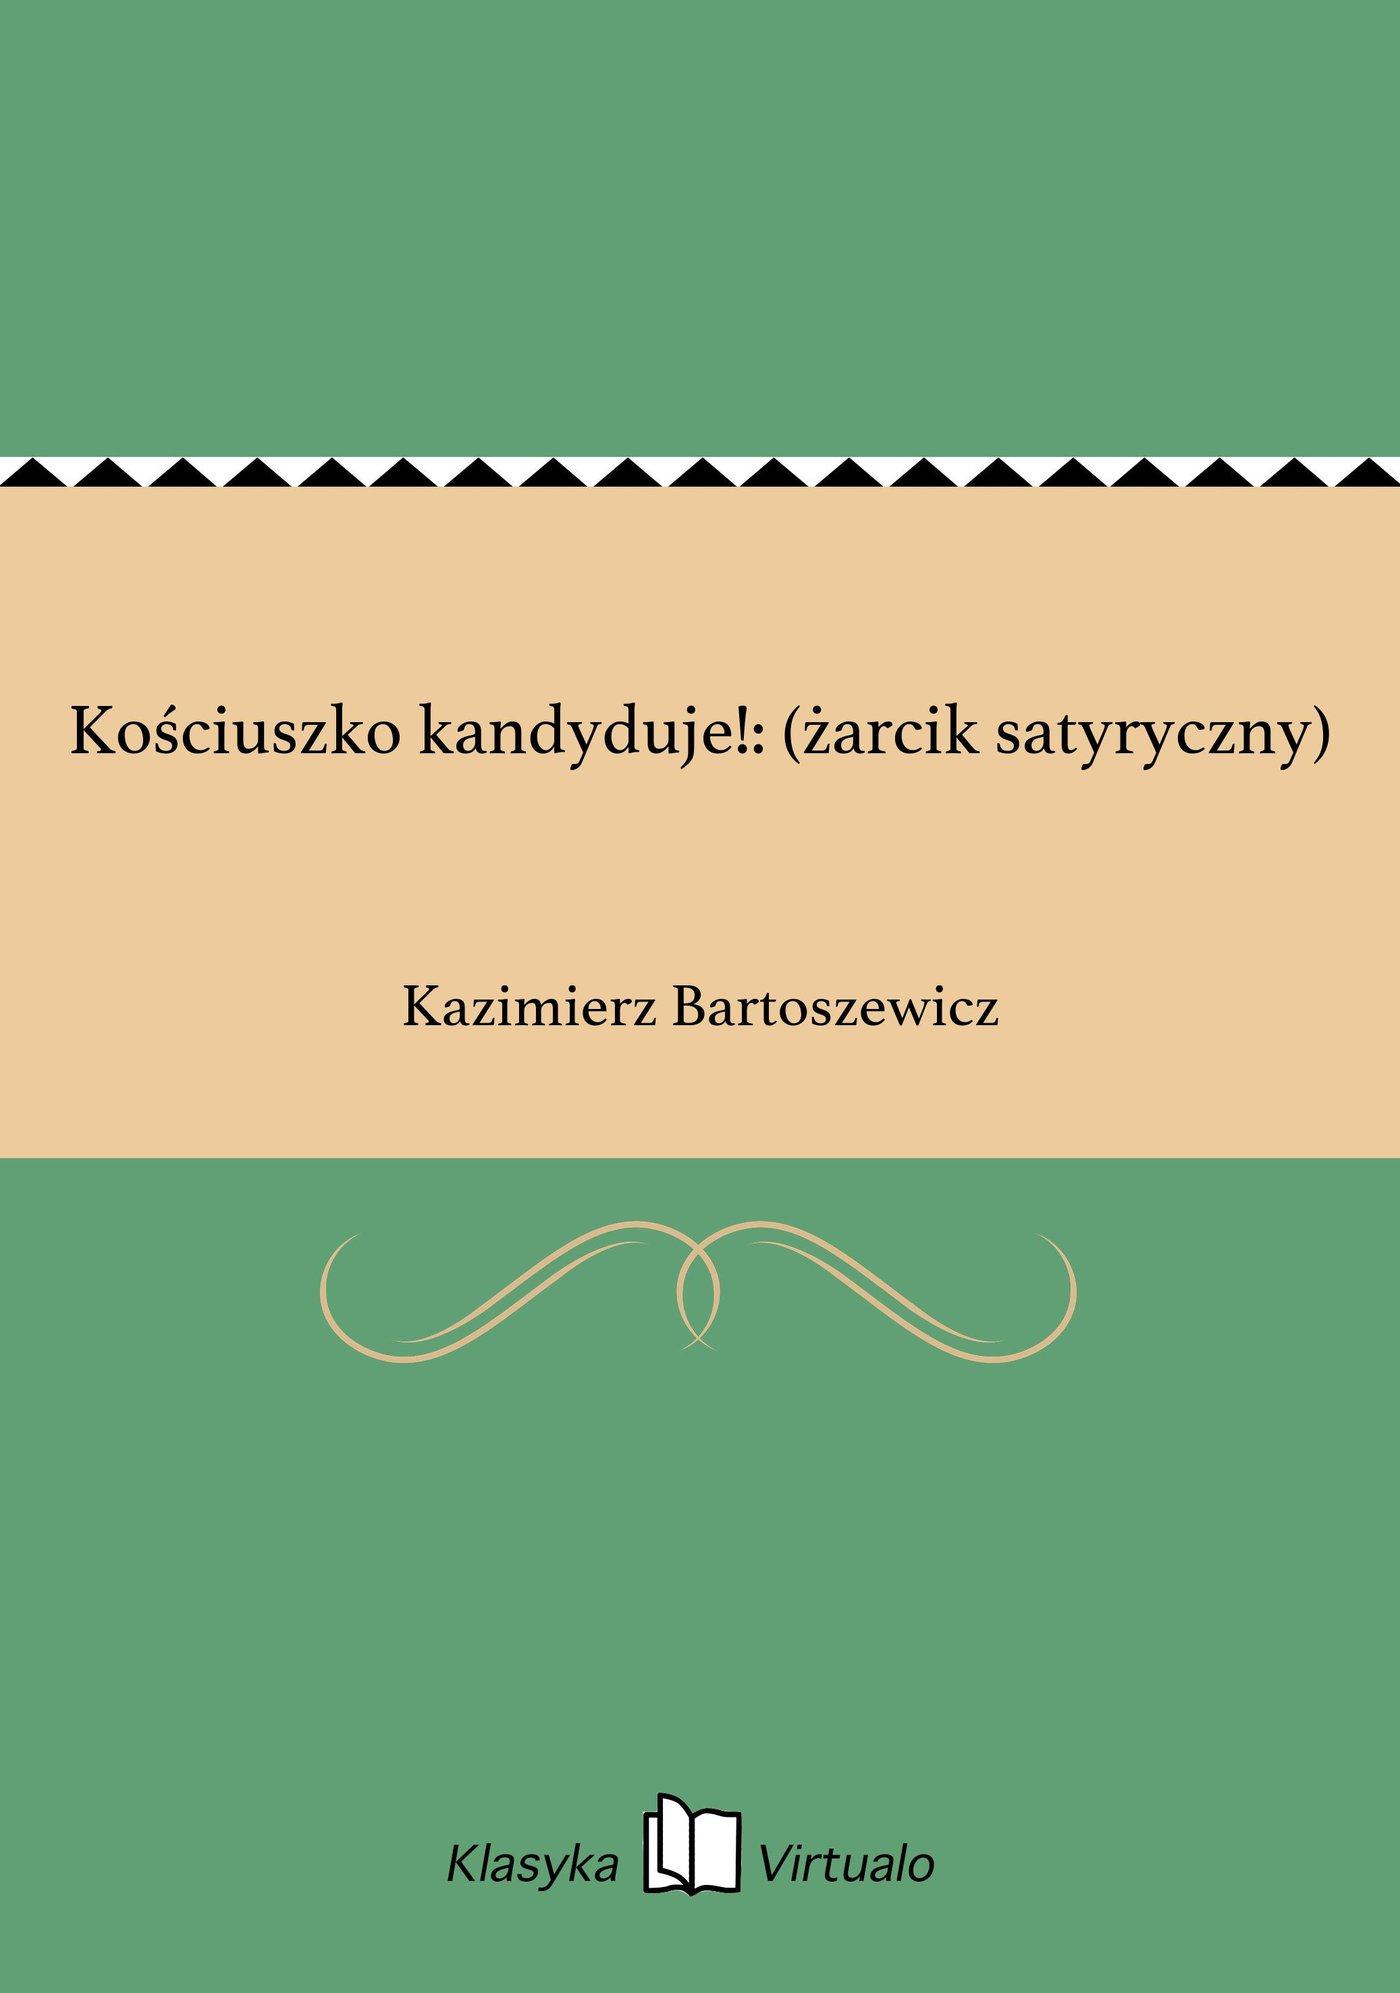 Kościuszko kandyduje!: (żarcik satyryczny) - Ebook (Książka EPUB) do pobrania w formacie EPUB